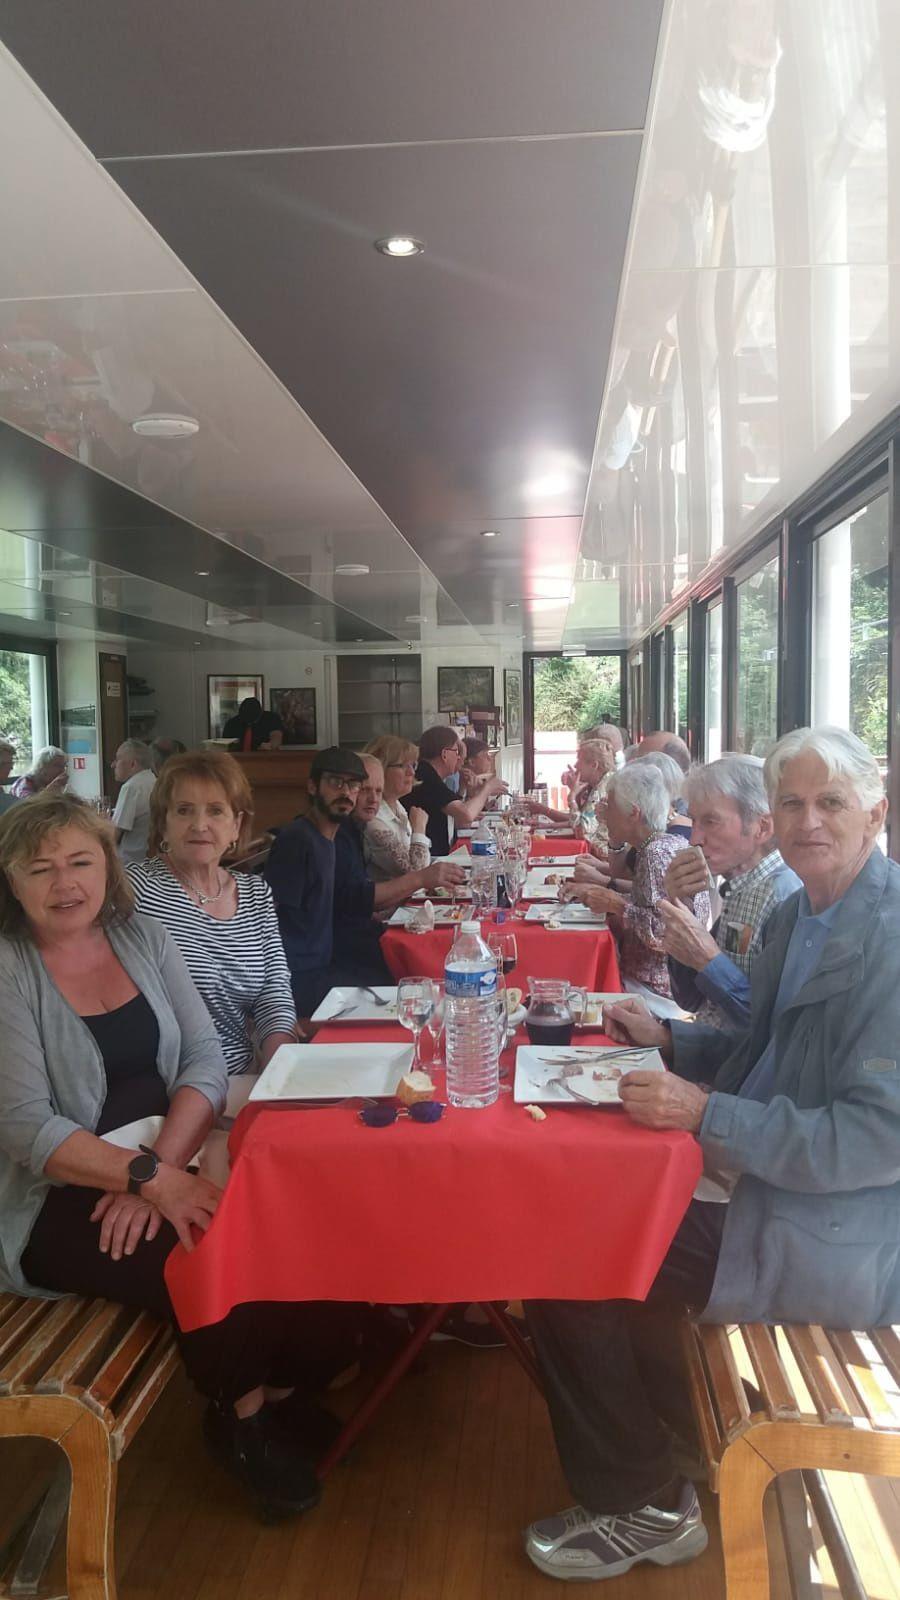 Déjeuner à bord du bateau à roue... au port, mais l'annulation de la croisière en raison des crues de l'Isère n'a pas entamé la bonne humeur du groupe !